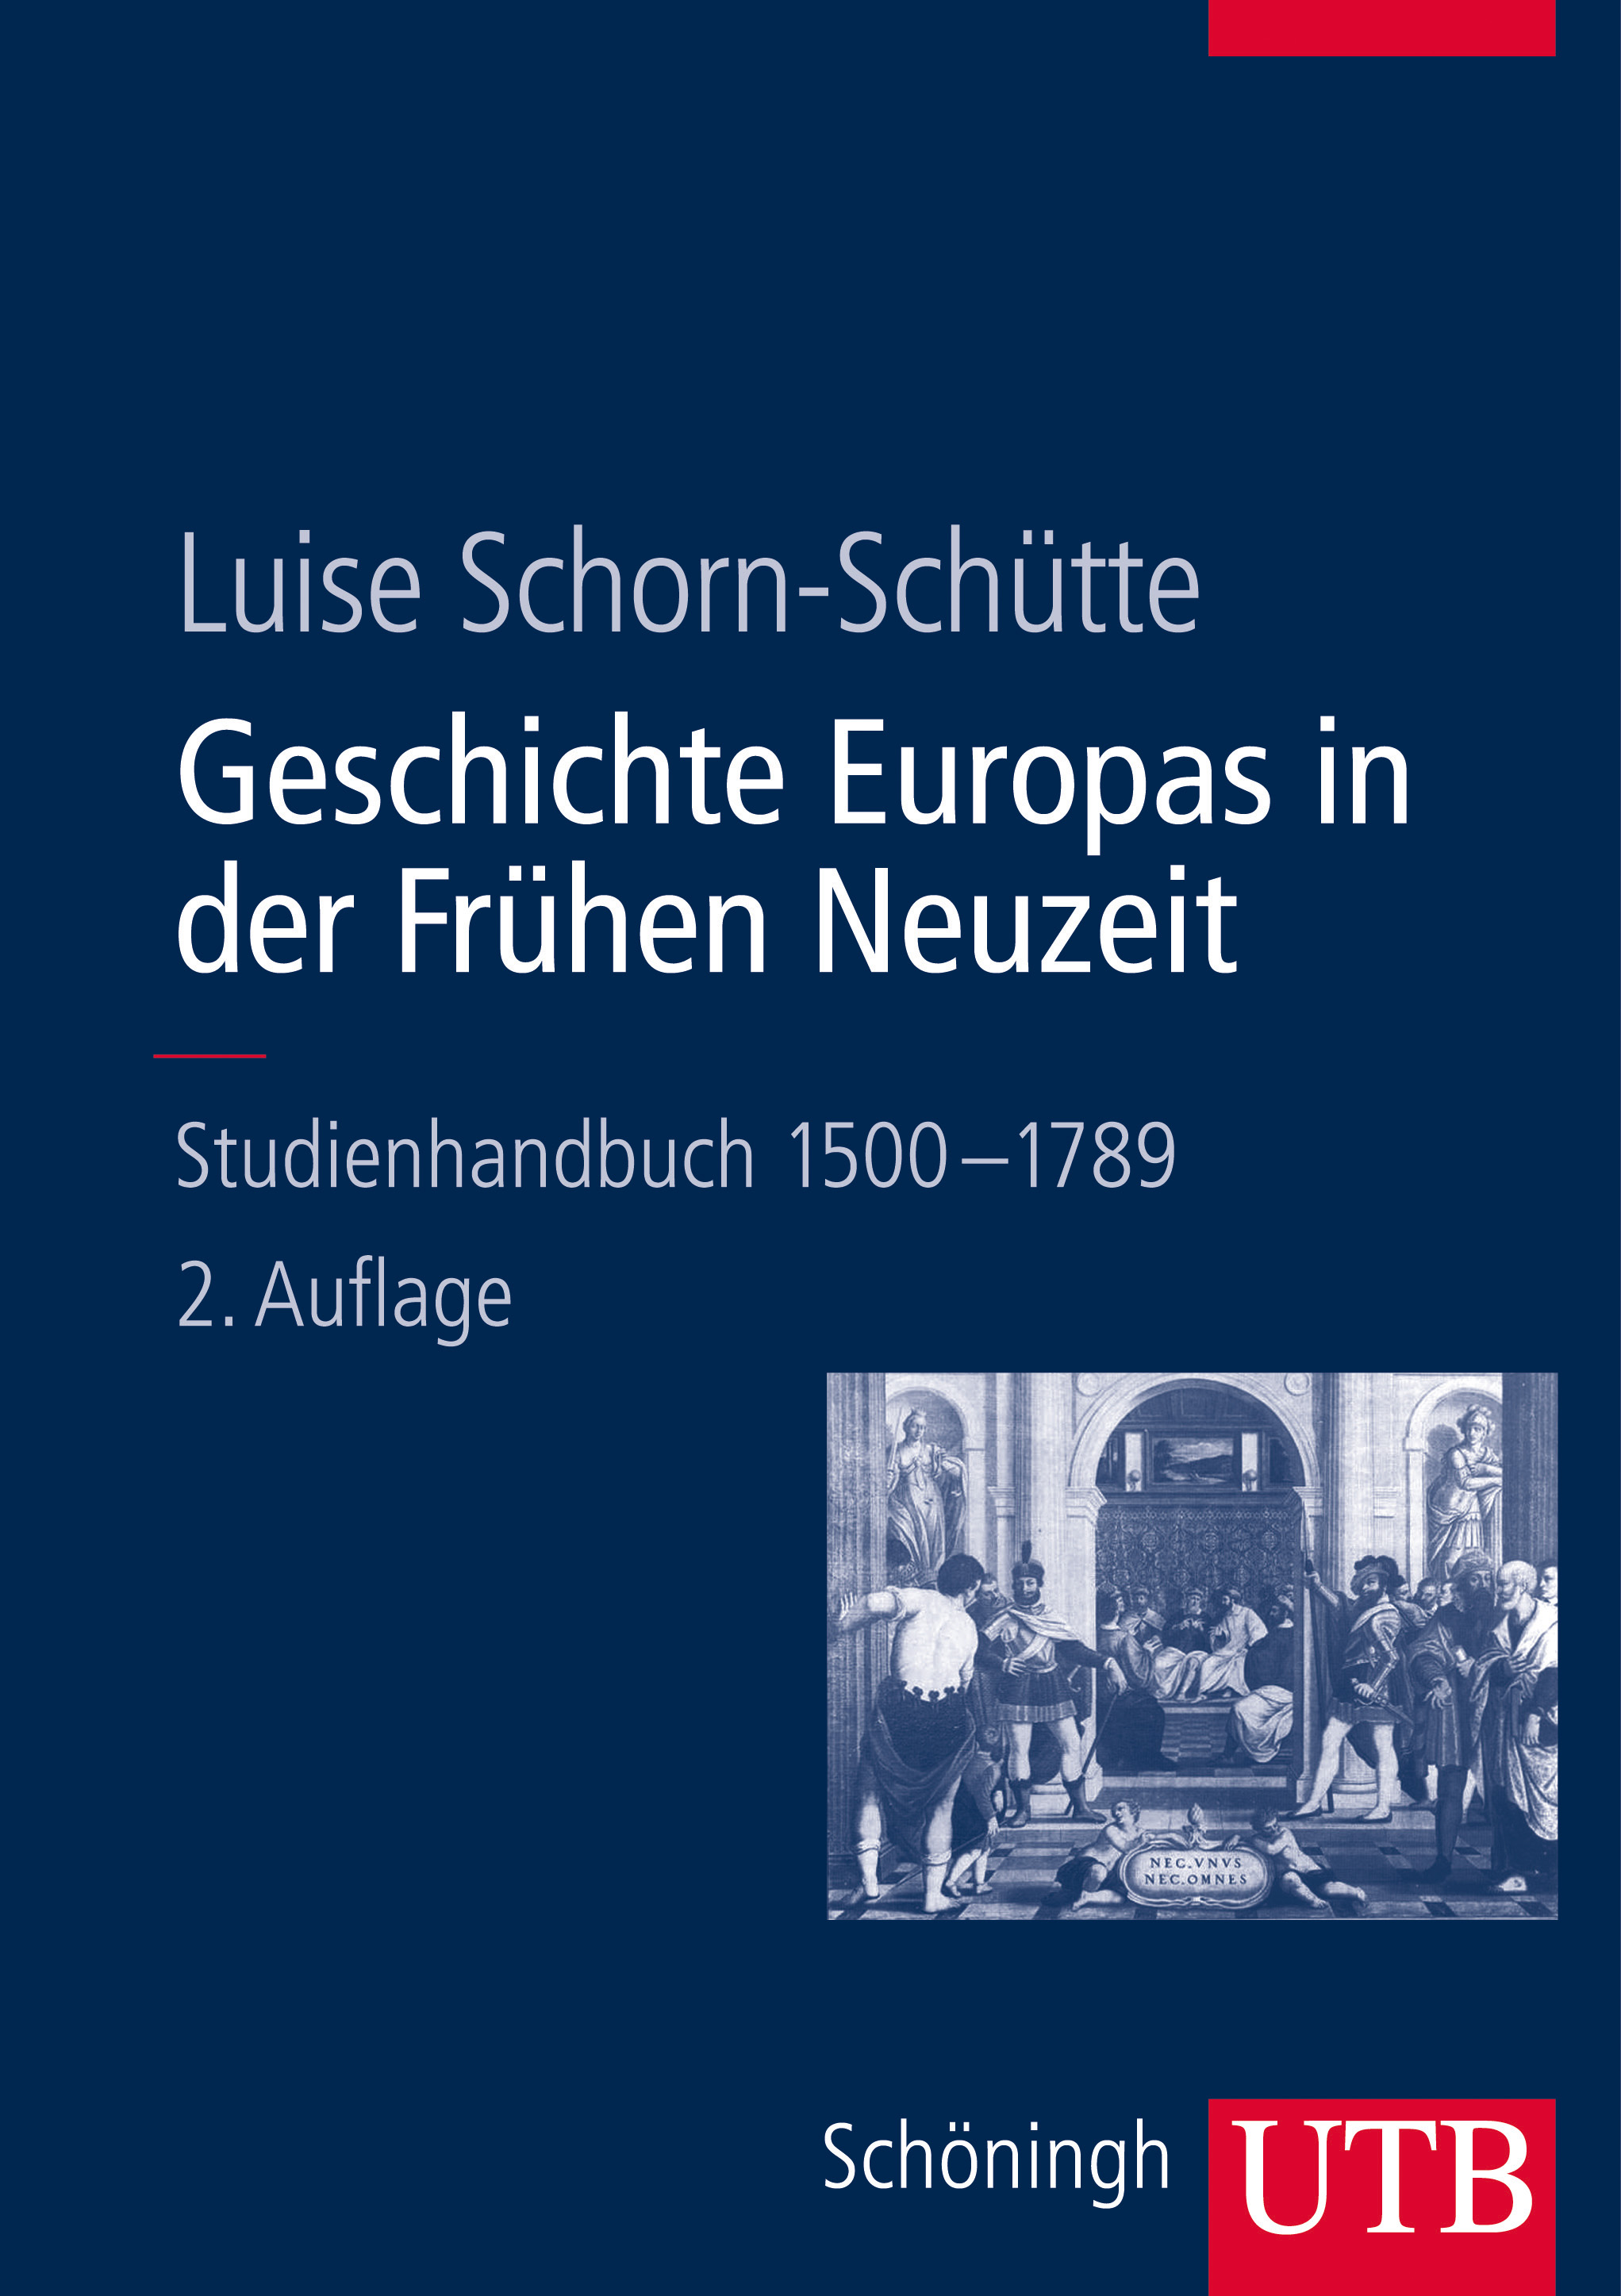 Geschichte Europas in der Frühen Neuzeit Luise Schorn-Schütte 9783825285401